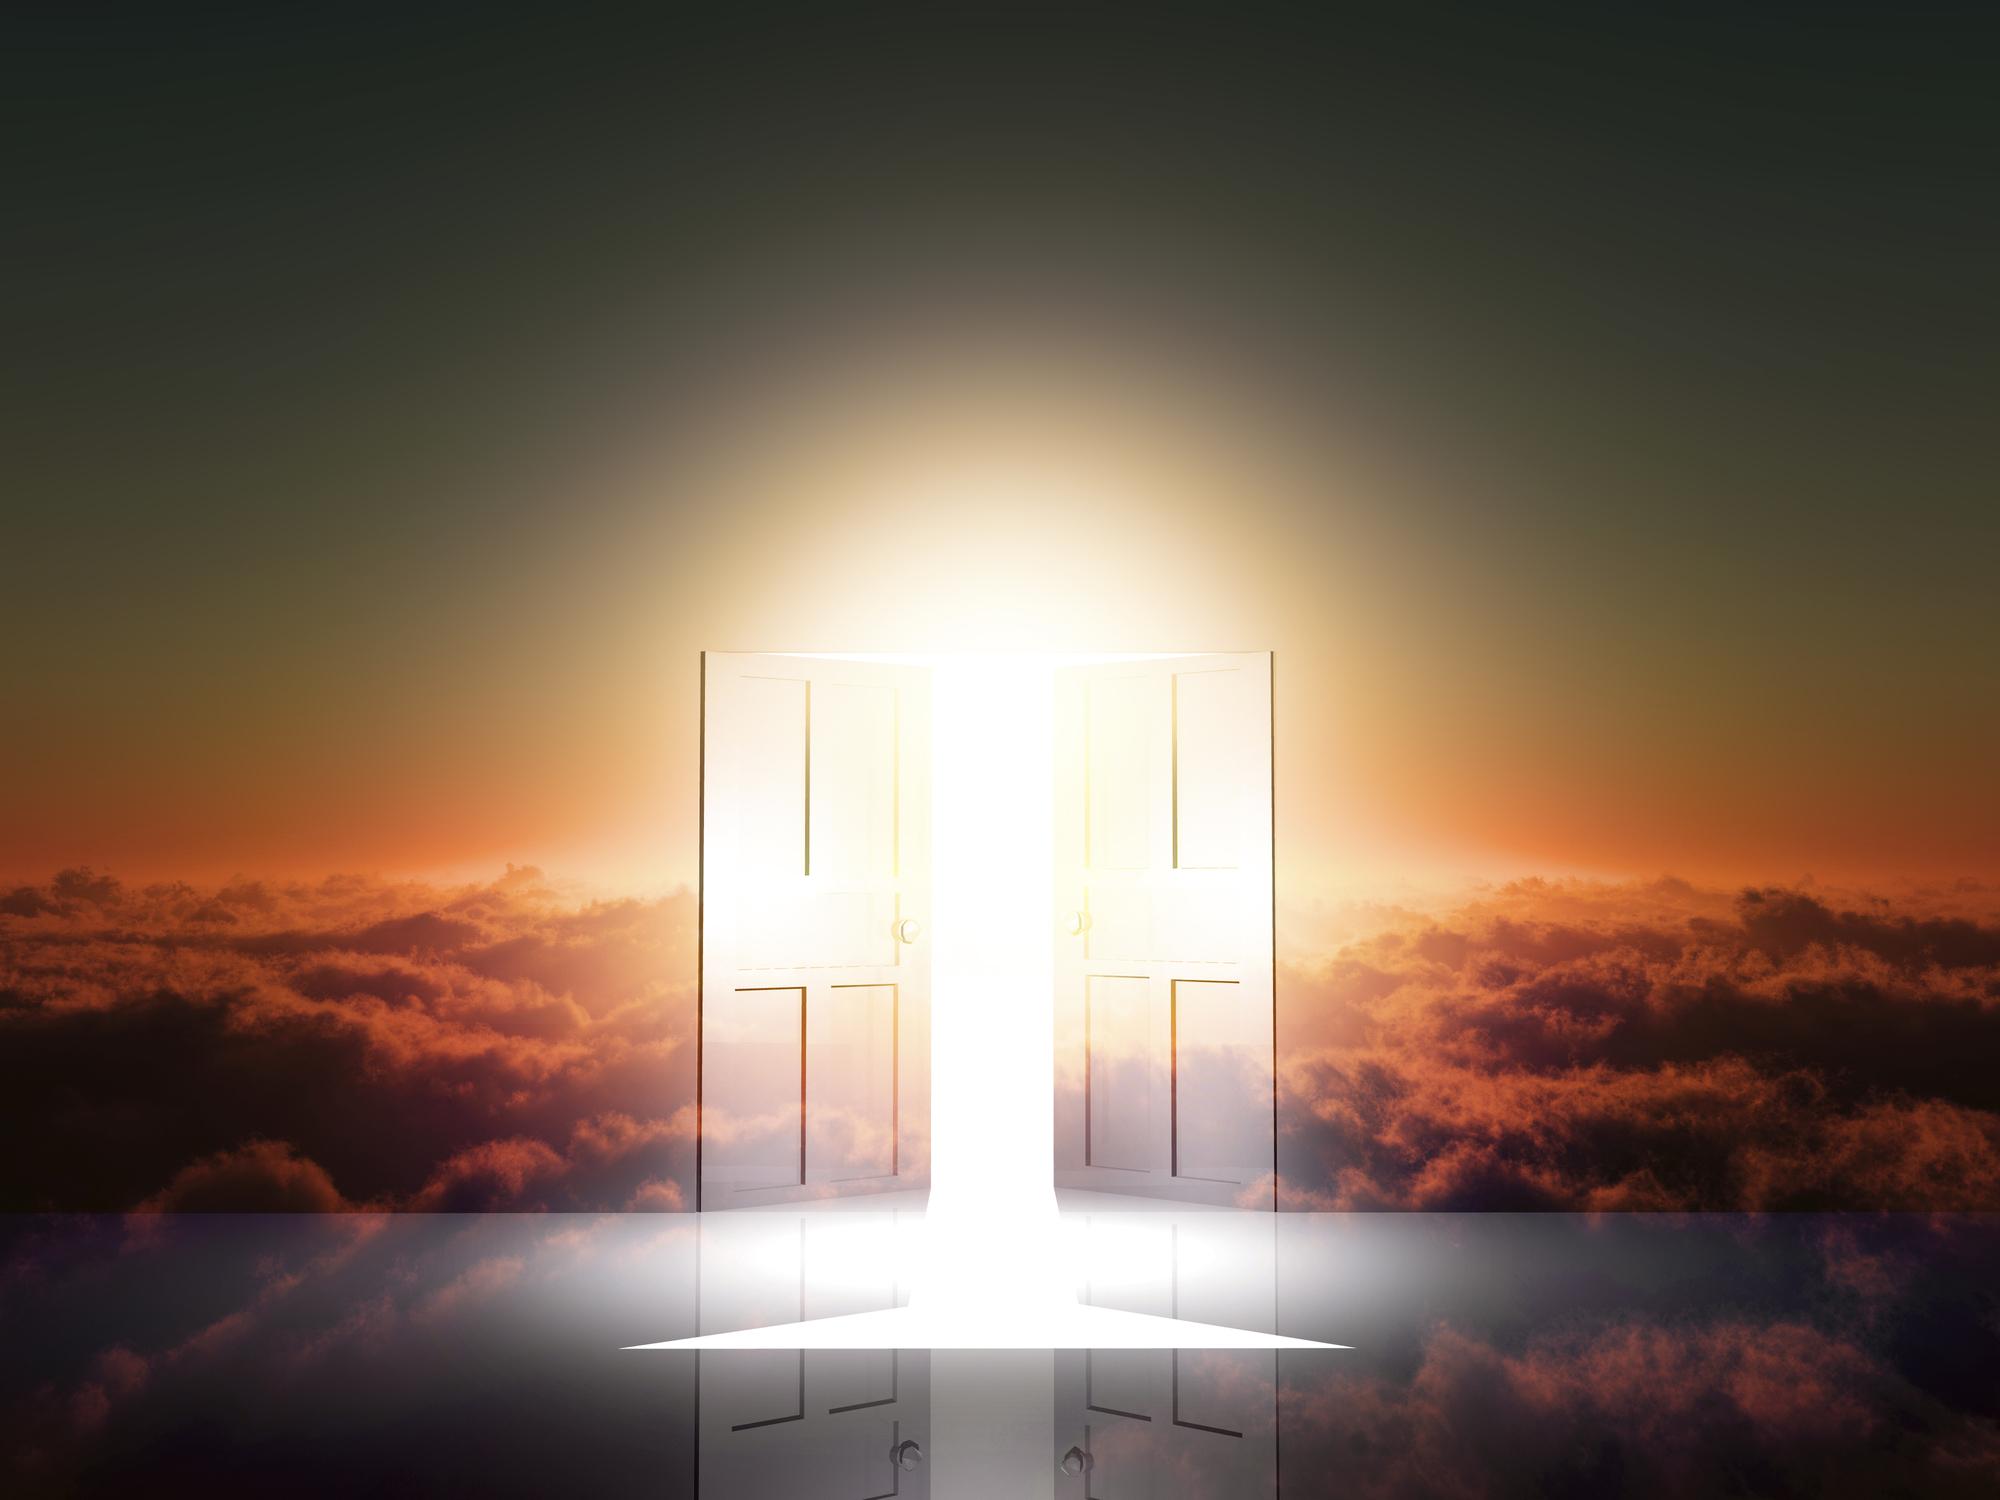 12月22日の次元の扉の期日前に誰でも取り組める準備とは?